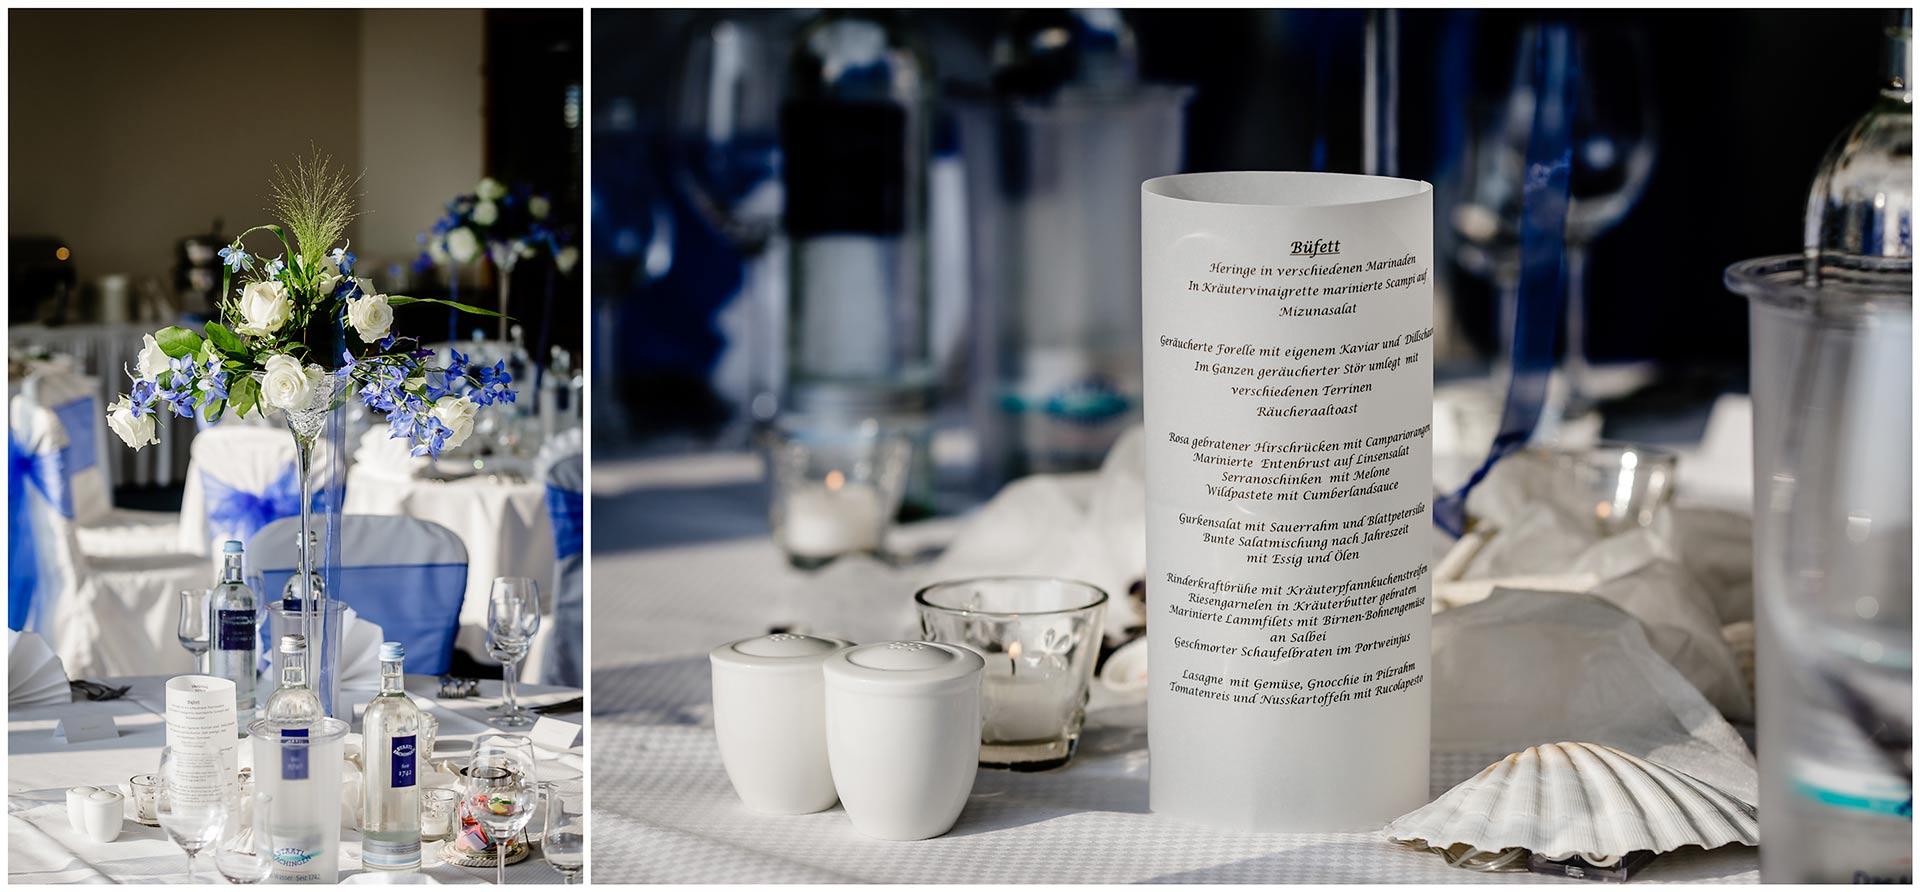 Tischdekoration_Gläser_Blumen-Hochzeitsfotograf-Warnemuende-Hochzeitsfotograf-Rostock-Hochzeitsfotograf-Ostseebad-Warnemuende